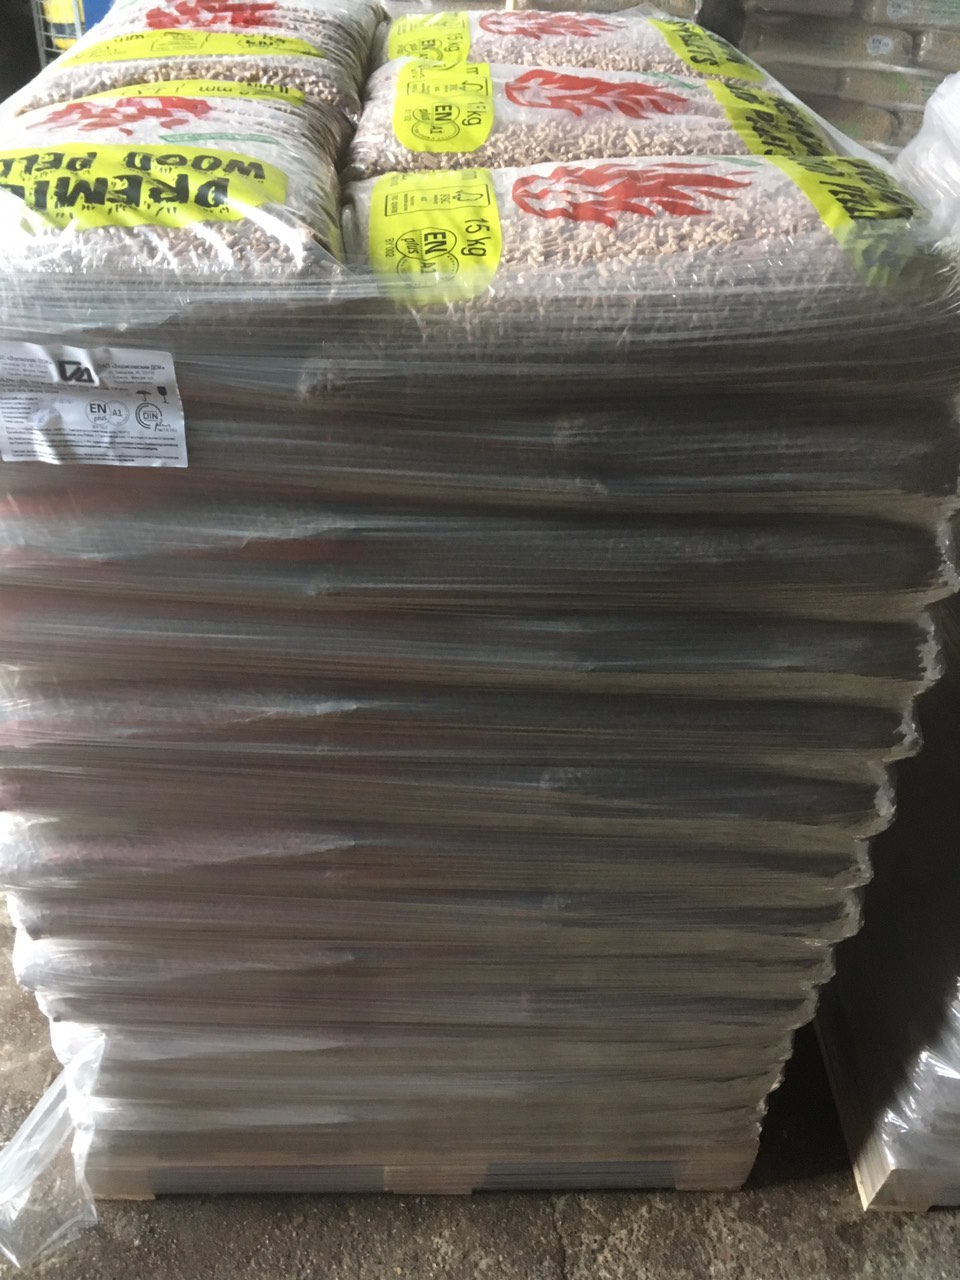 ENPlus A1 Premium Wood pellets 3